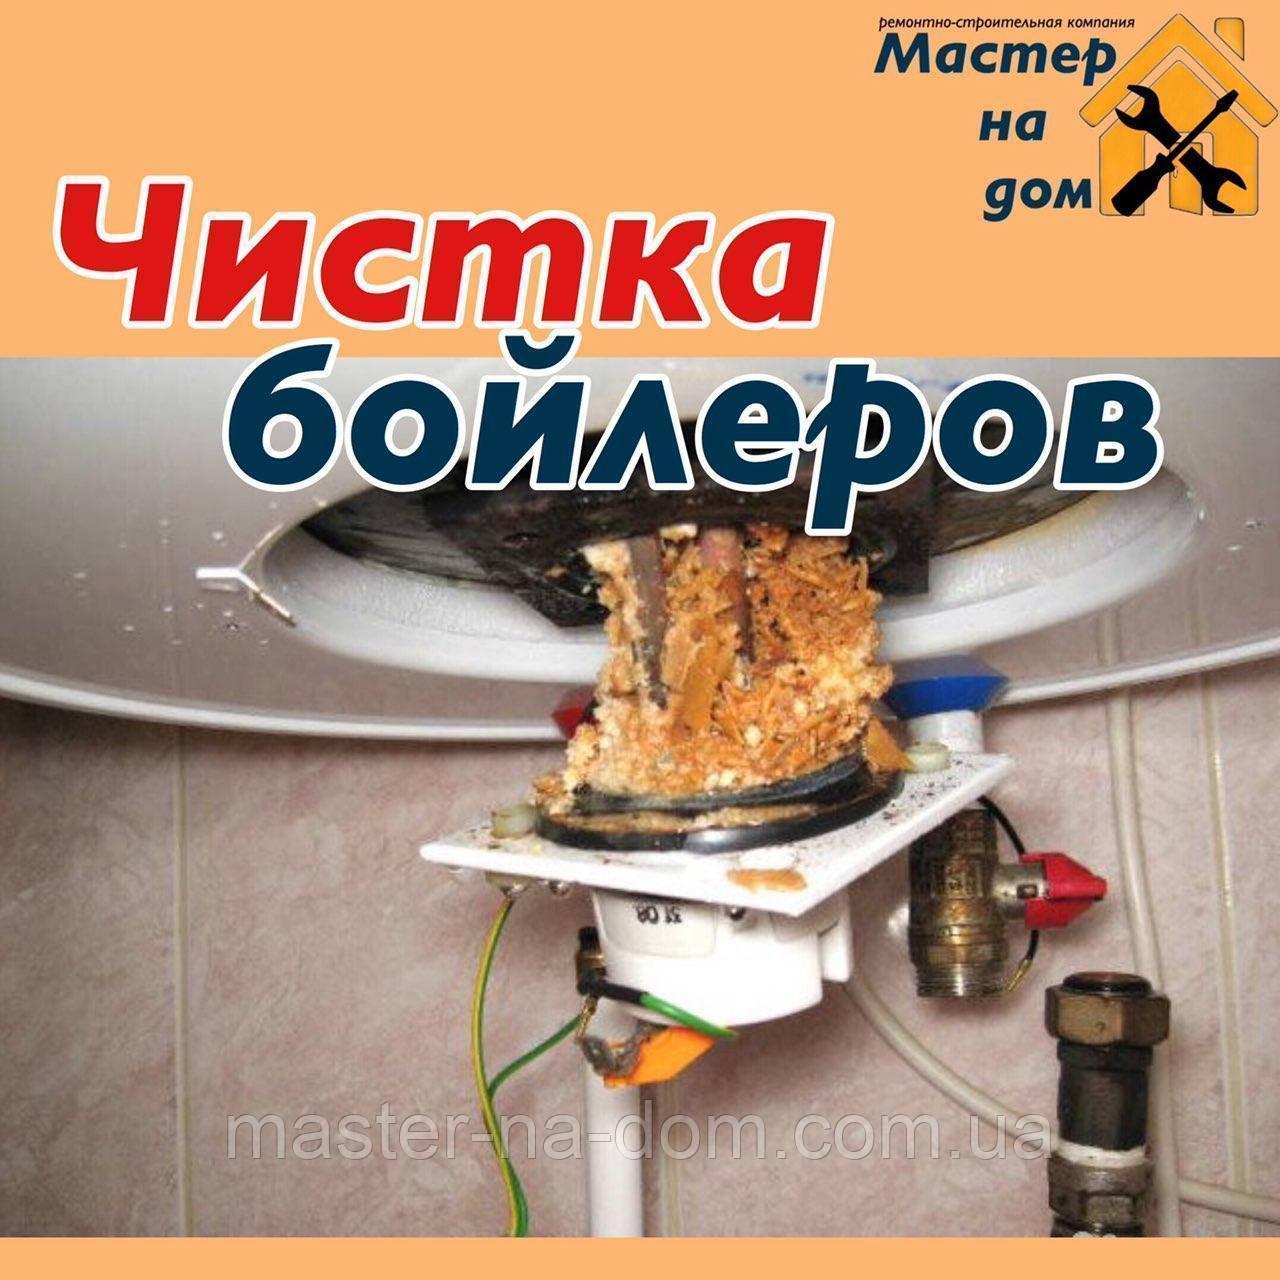 Чистка бойлерів в Ужгороді